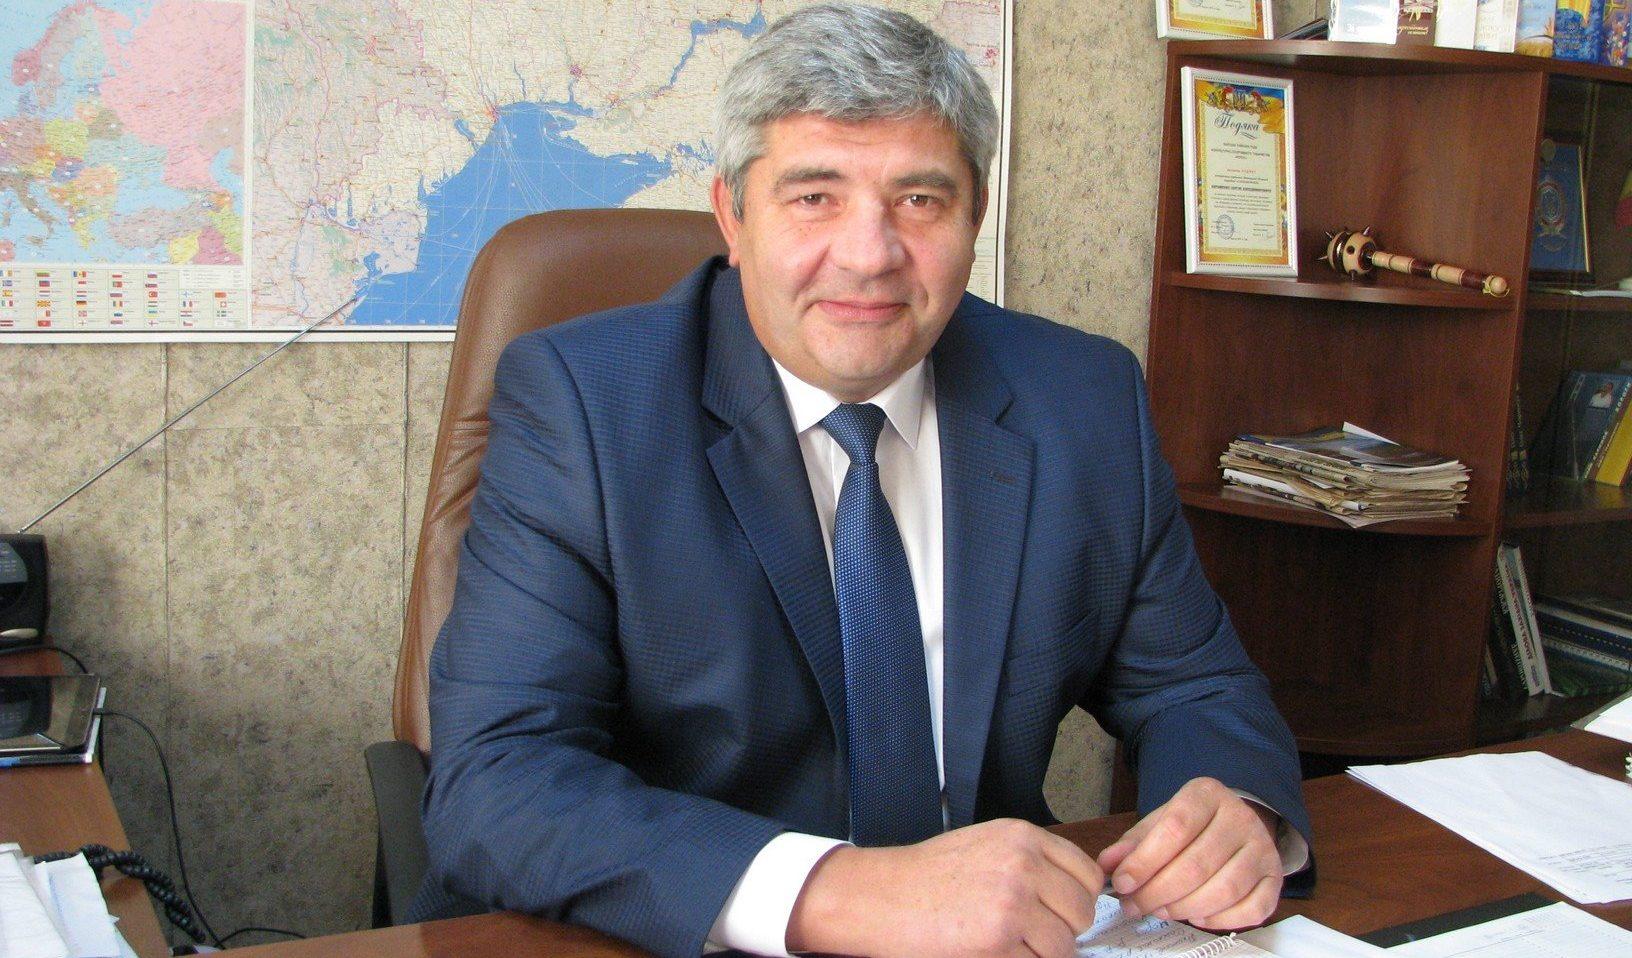 Скандального вінницького «дорожника» Алексєєва суд поновив на посаді